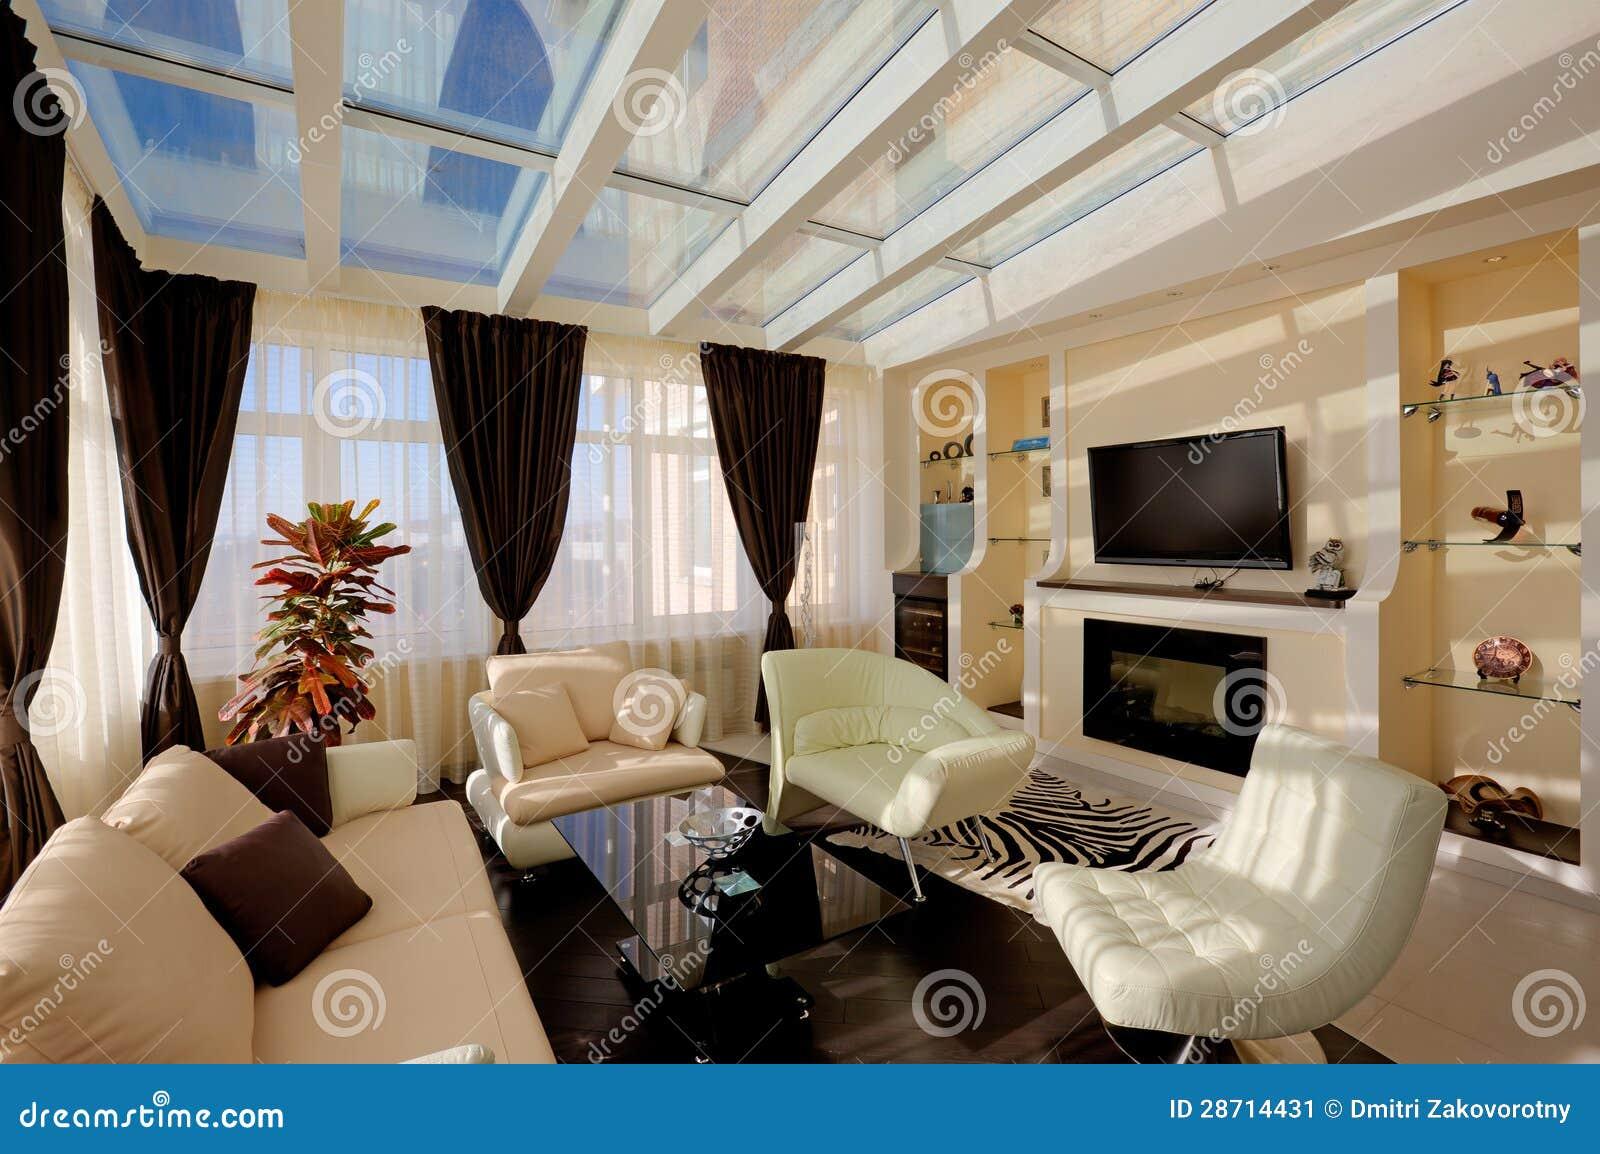 Hübsches Wohnzimmer stockbild. Bild von teppich, fenster ...